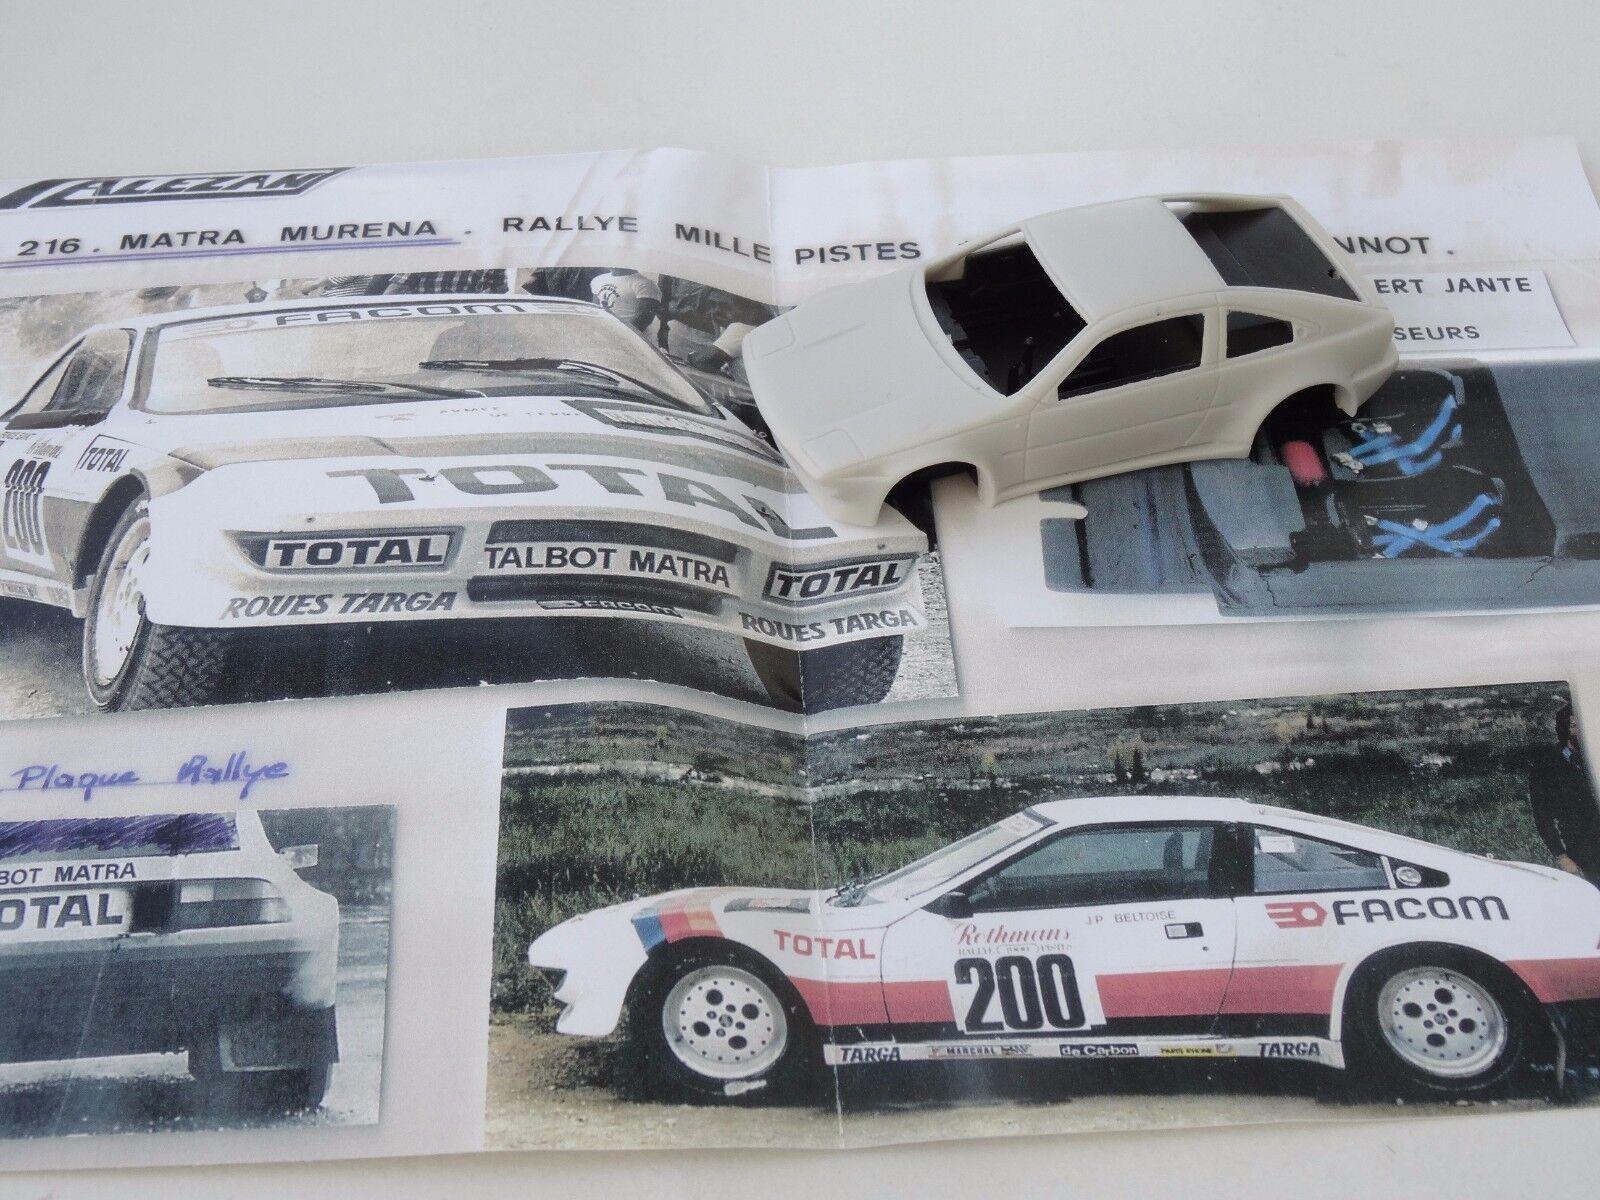 Chestnut models. 1 43. matra murena. total.  thousand trails. beltoise 1981.  pas cher en haute qualité